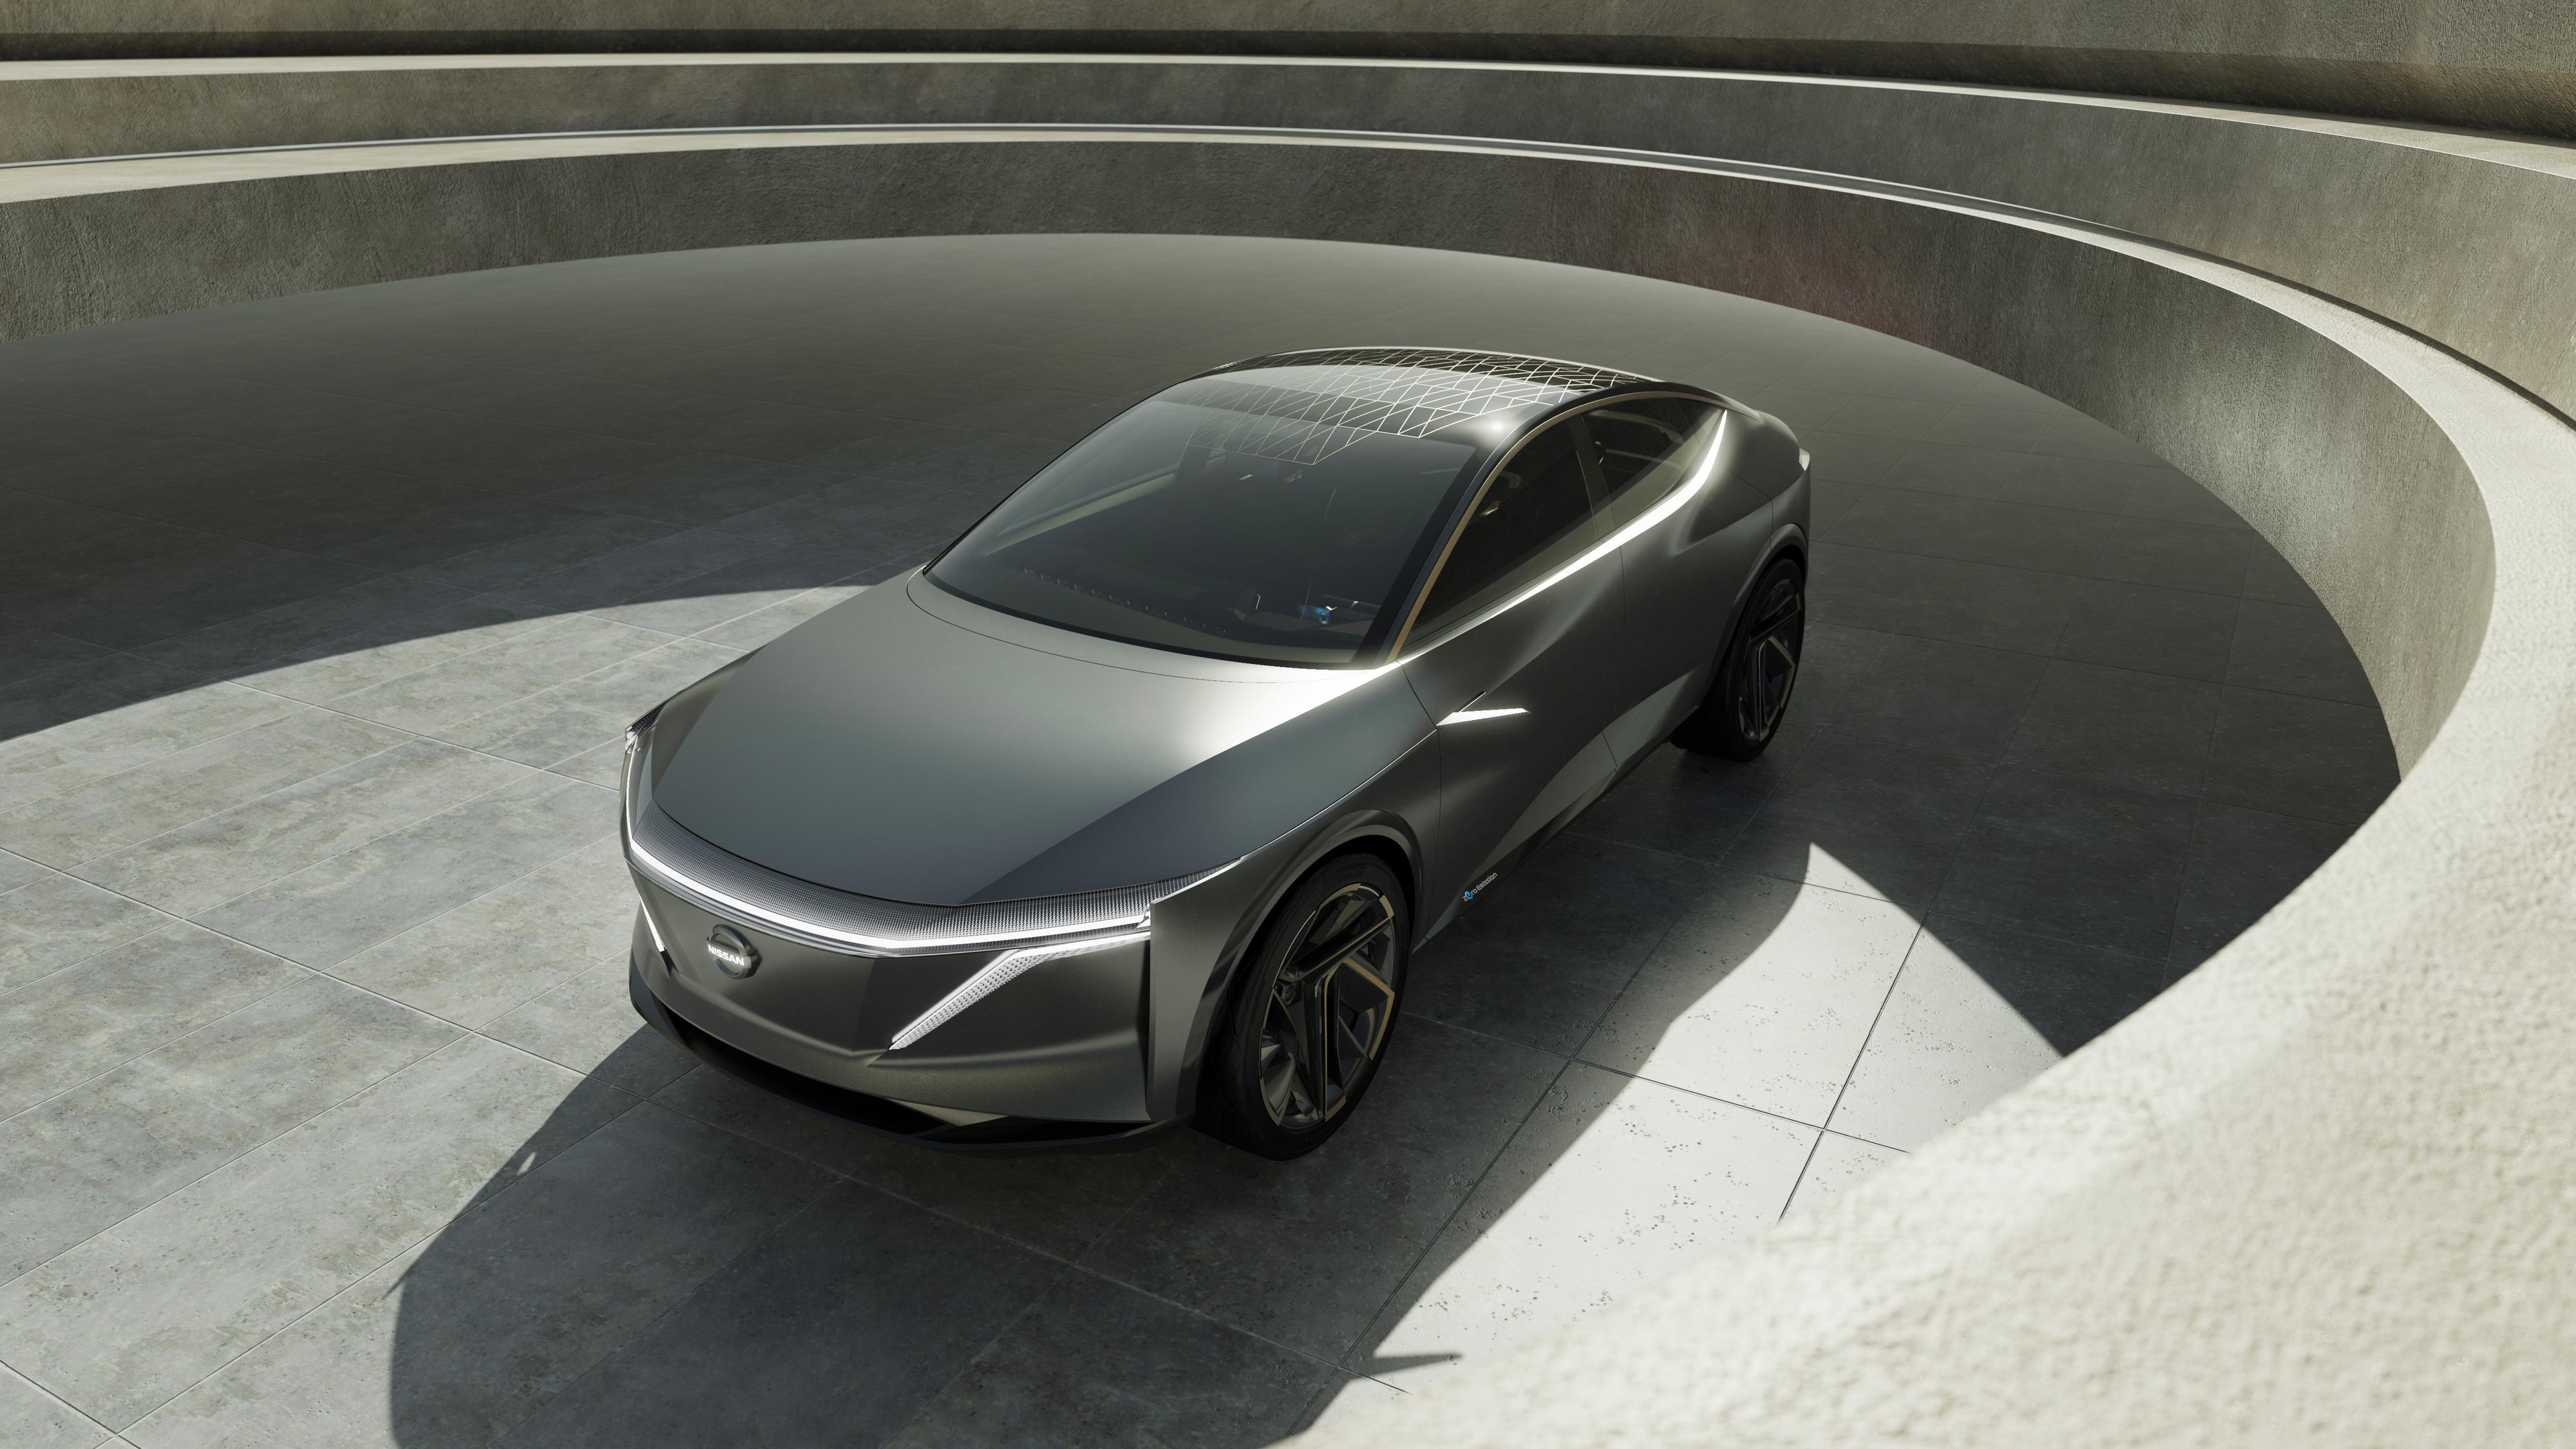 Bilen har et futuristisk utseende